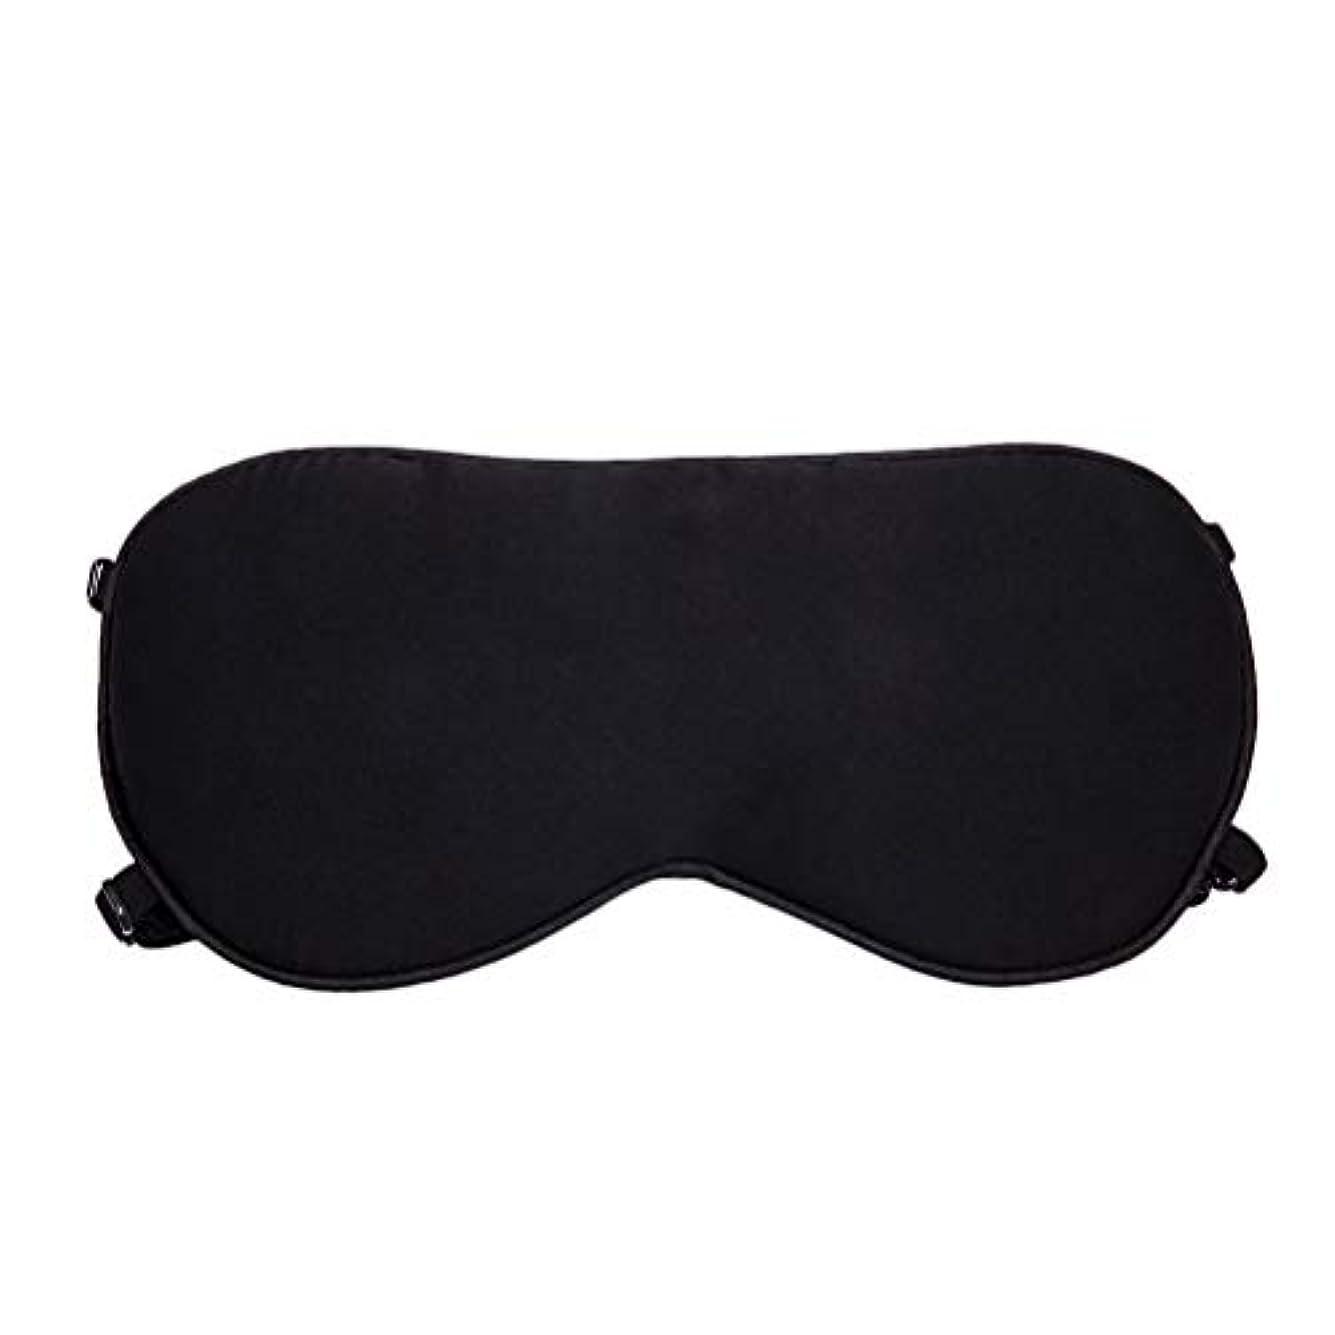 伝記ニックネーム肌SUPVOX スリーピングマスクシルクアイマスク目隠し調節可能な快適なナイトアイカバー大人子供のためのホームベッド旅行フライトカーキャンプ用(黒)